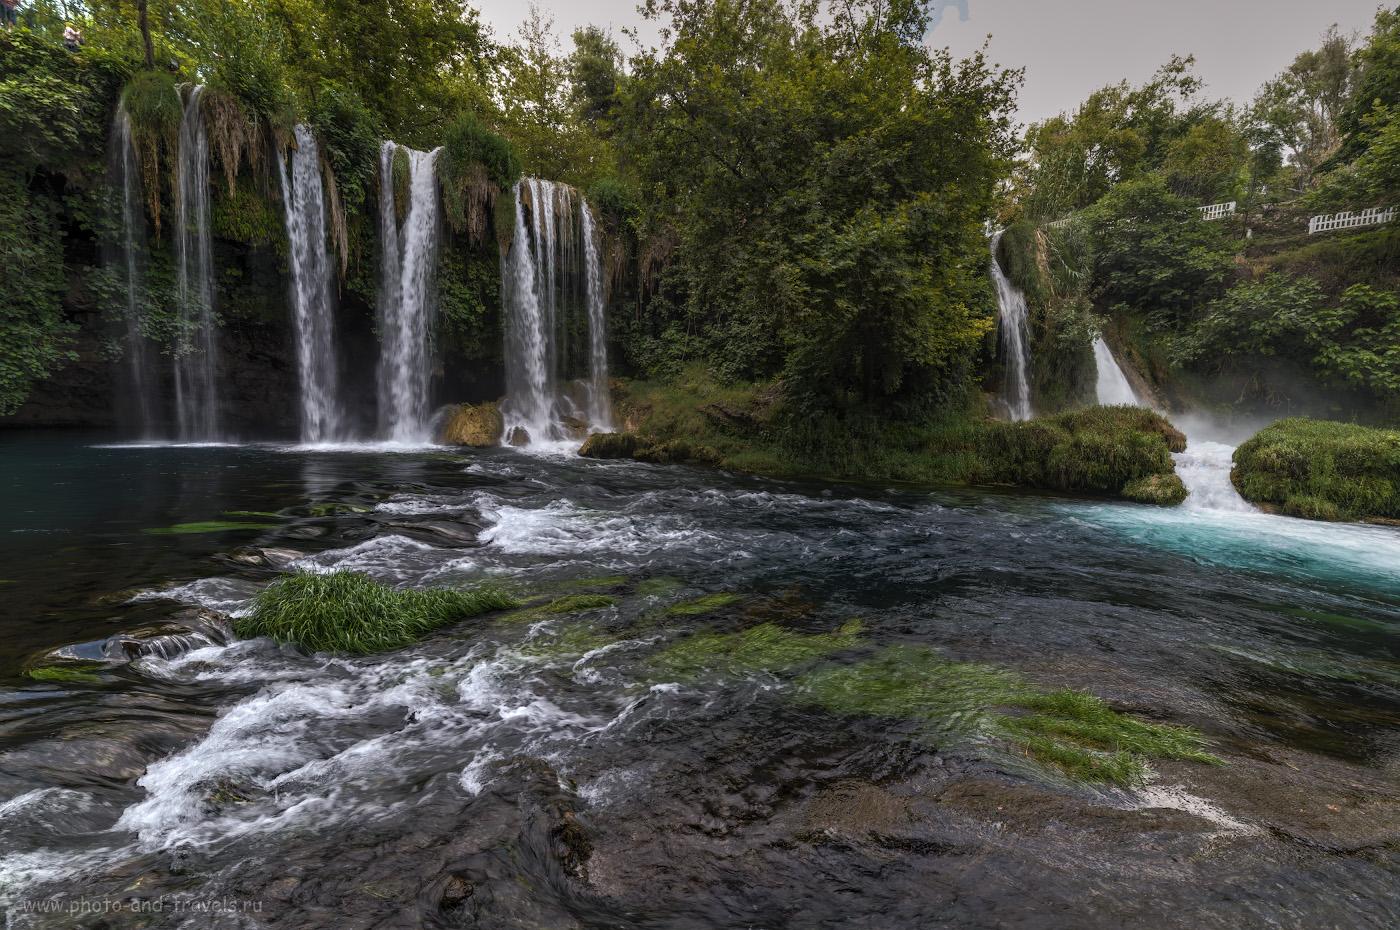 Фотография 2. Водопад Верхний Дюден (Düden Şelalesi) в северной части Анталии. Интересные места, что можно посетить во время отдыха в Турции. Отчеты туристов. 1/13, , 8.0, 50, 14.